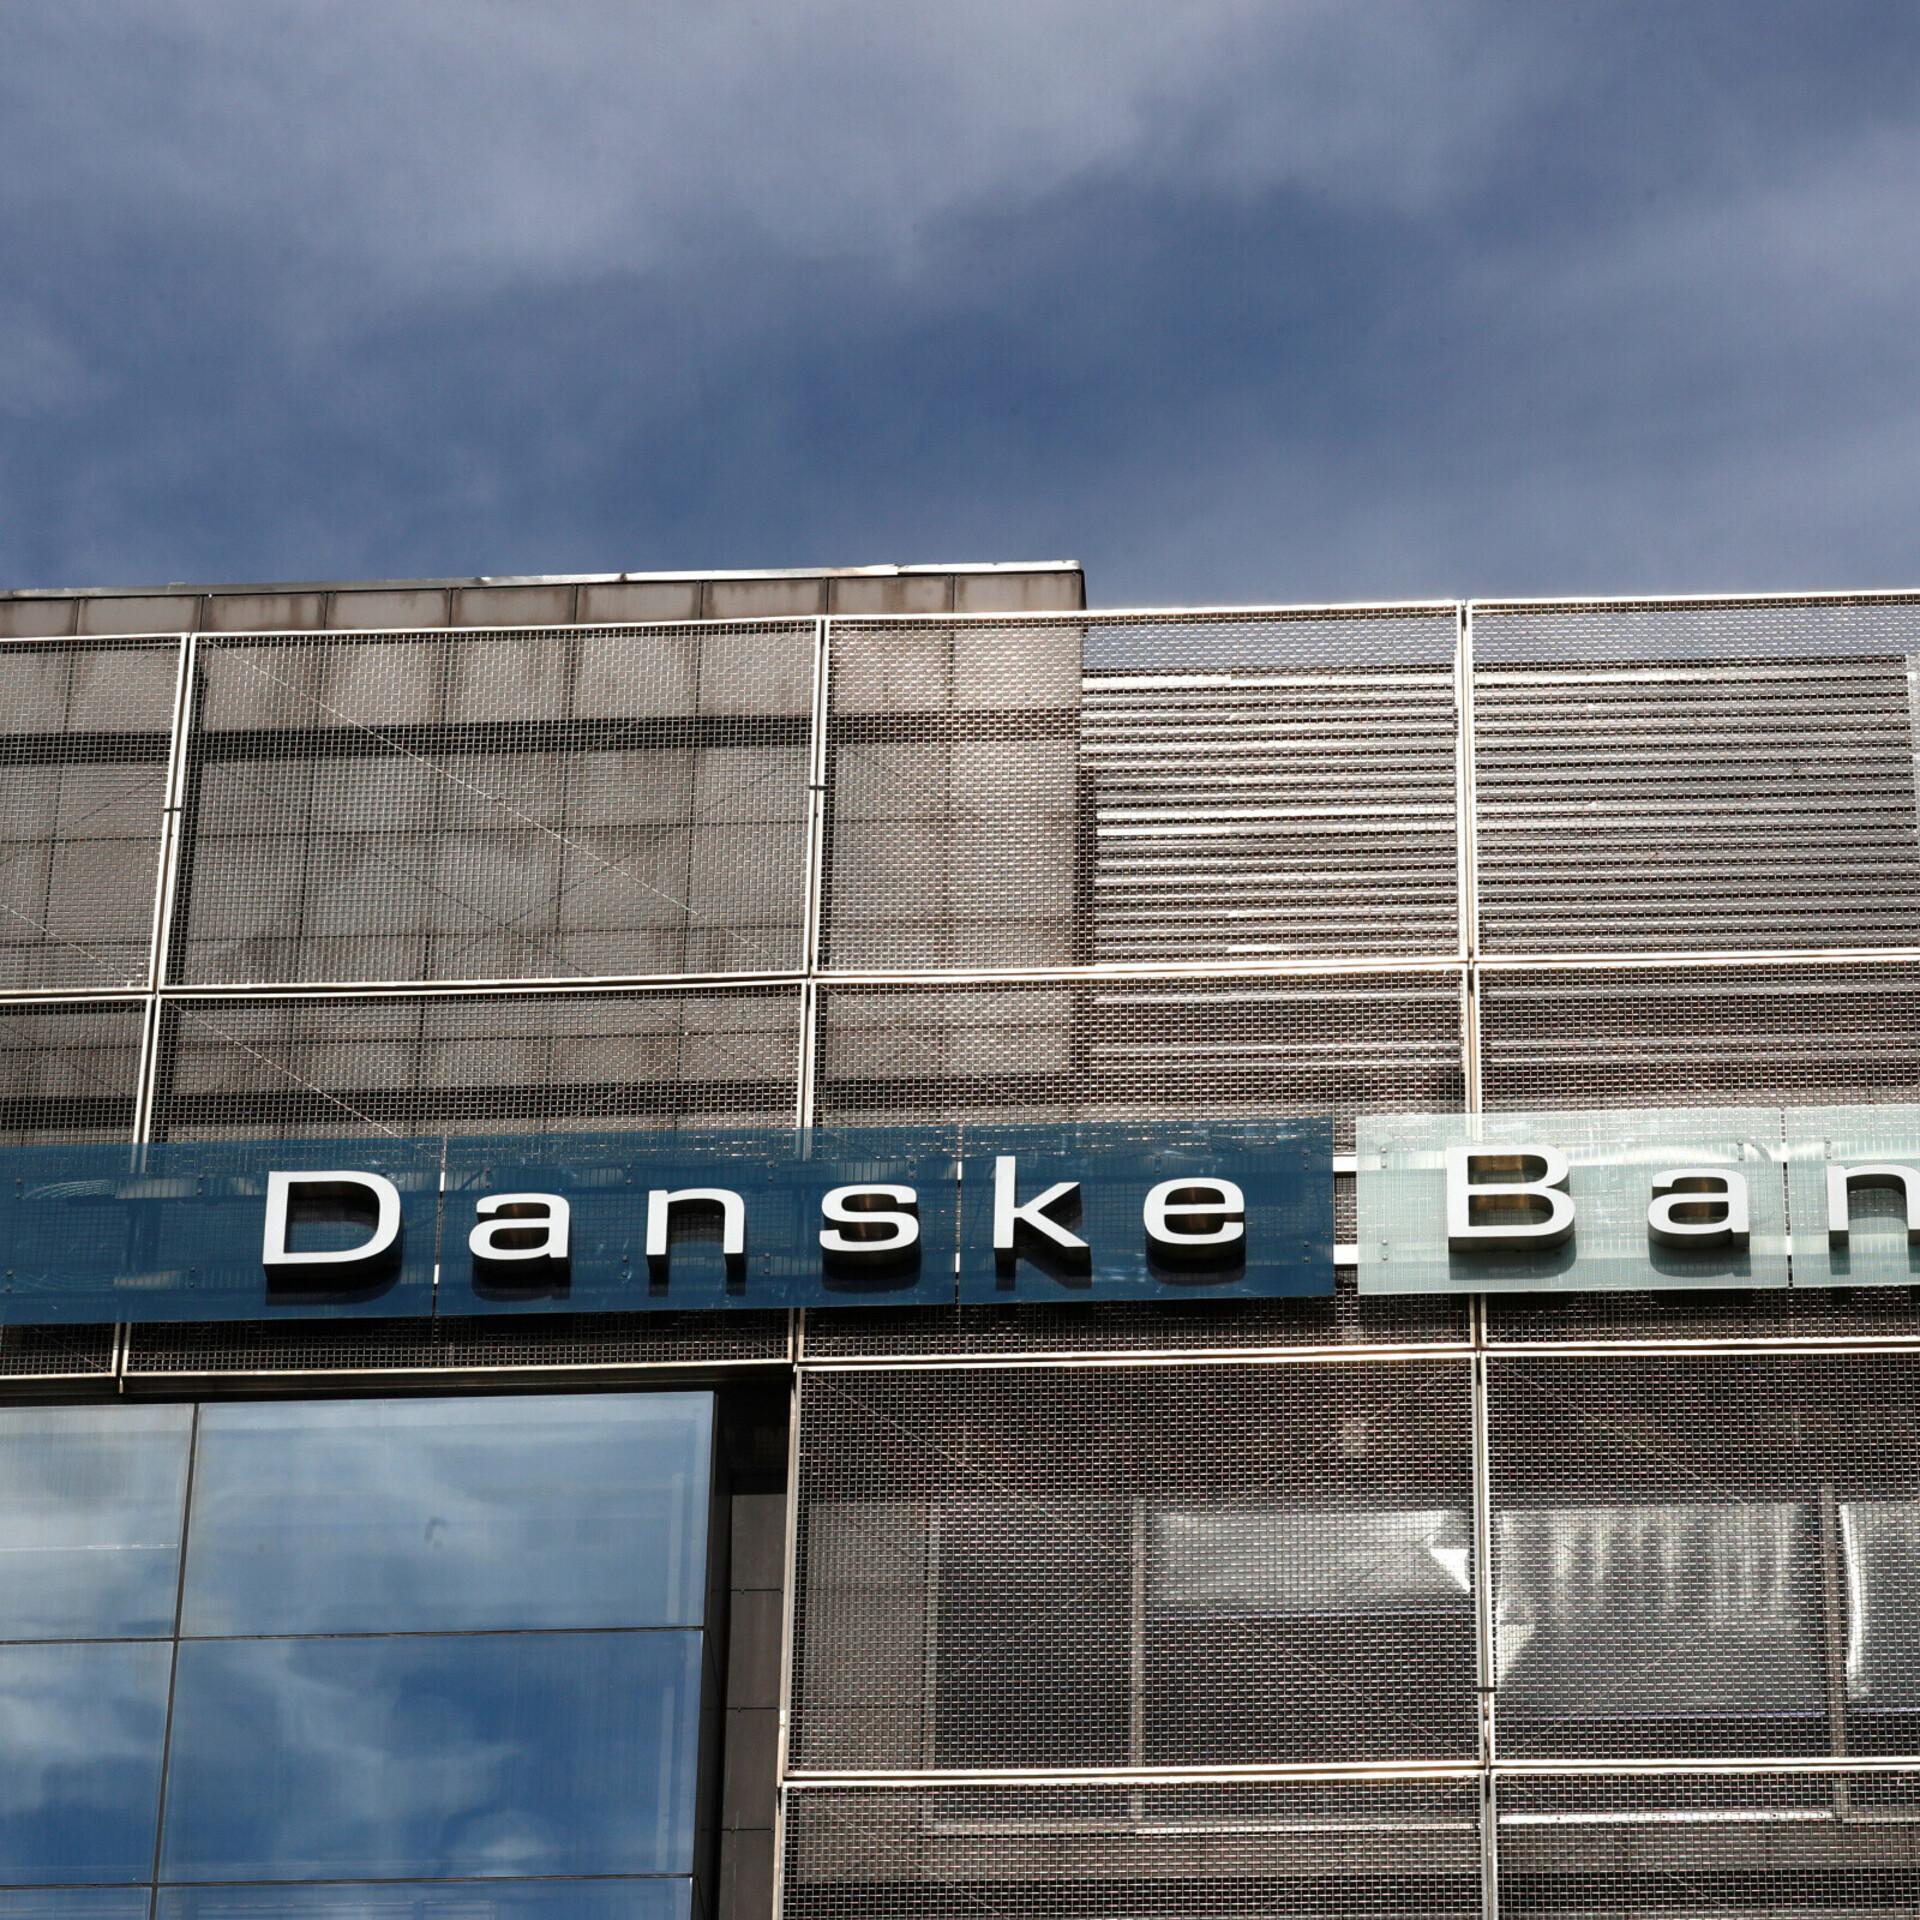 fc05b8e468e FT: Danske Eesti filiaali kaudu liikus ühes aastas 30 miljardit dollarit |  Majandus | ERR